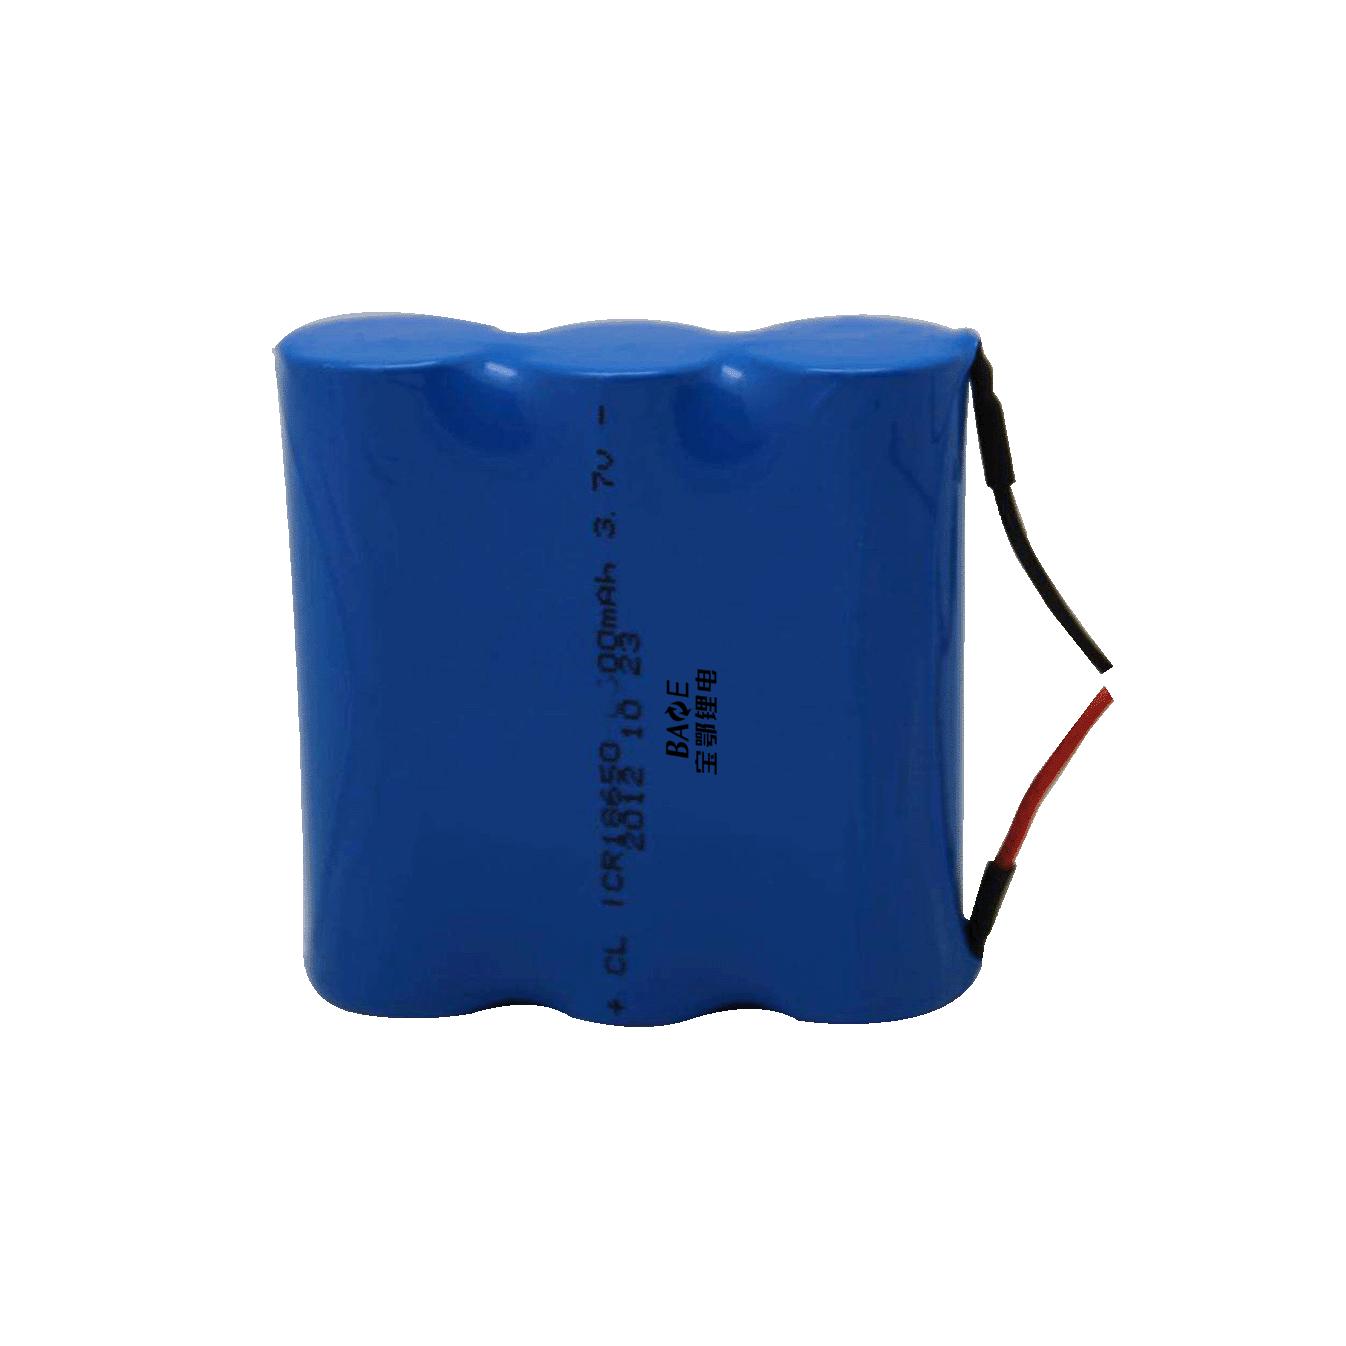 -40℃低温锂电池18650 3.7V 12Ah,铁塔信号监控设备